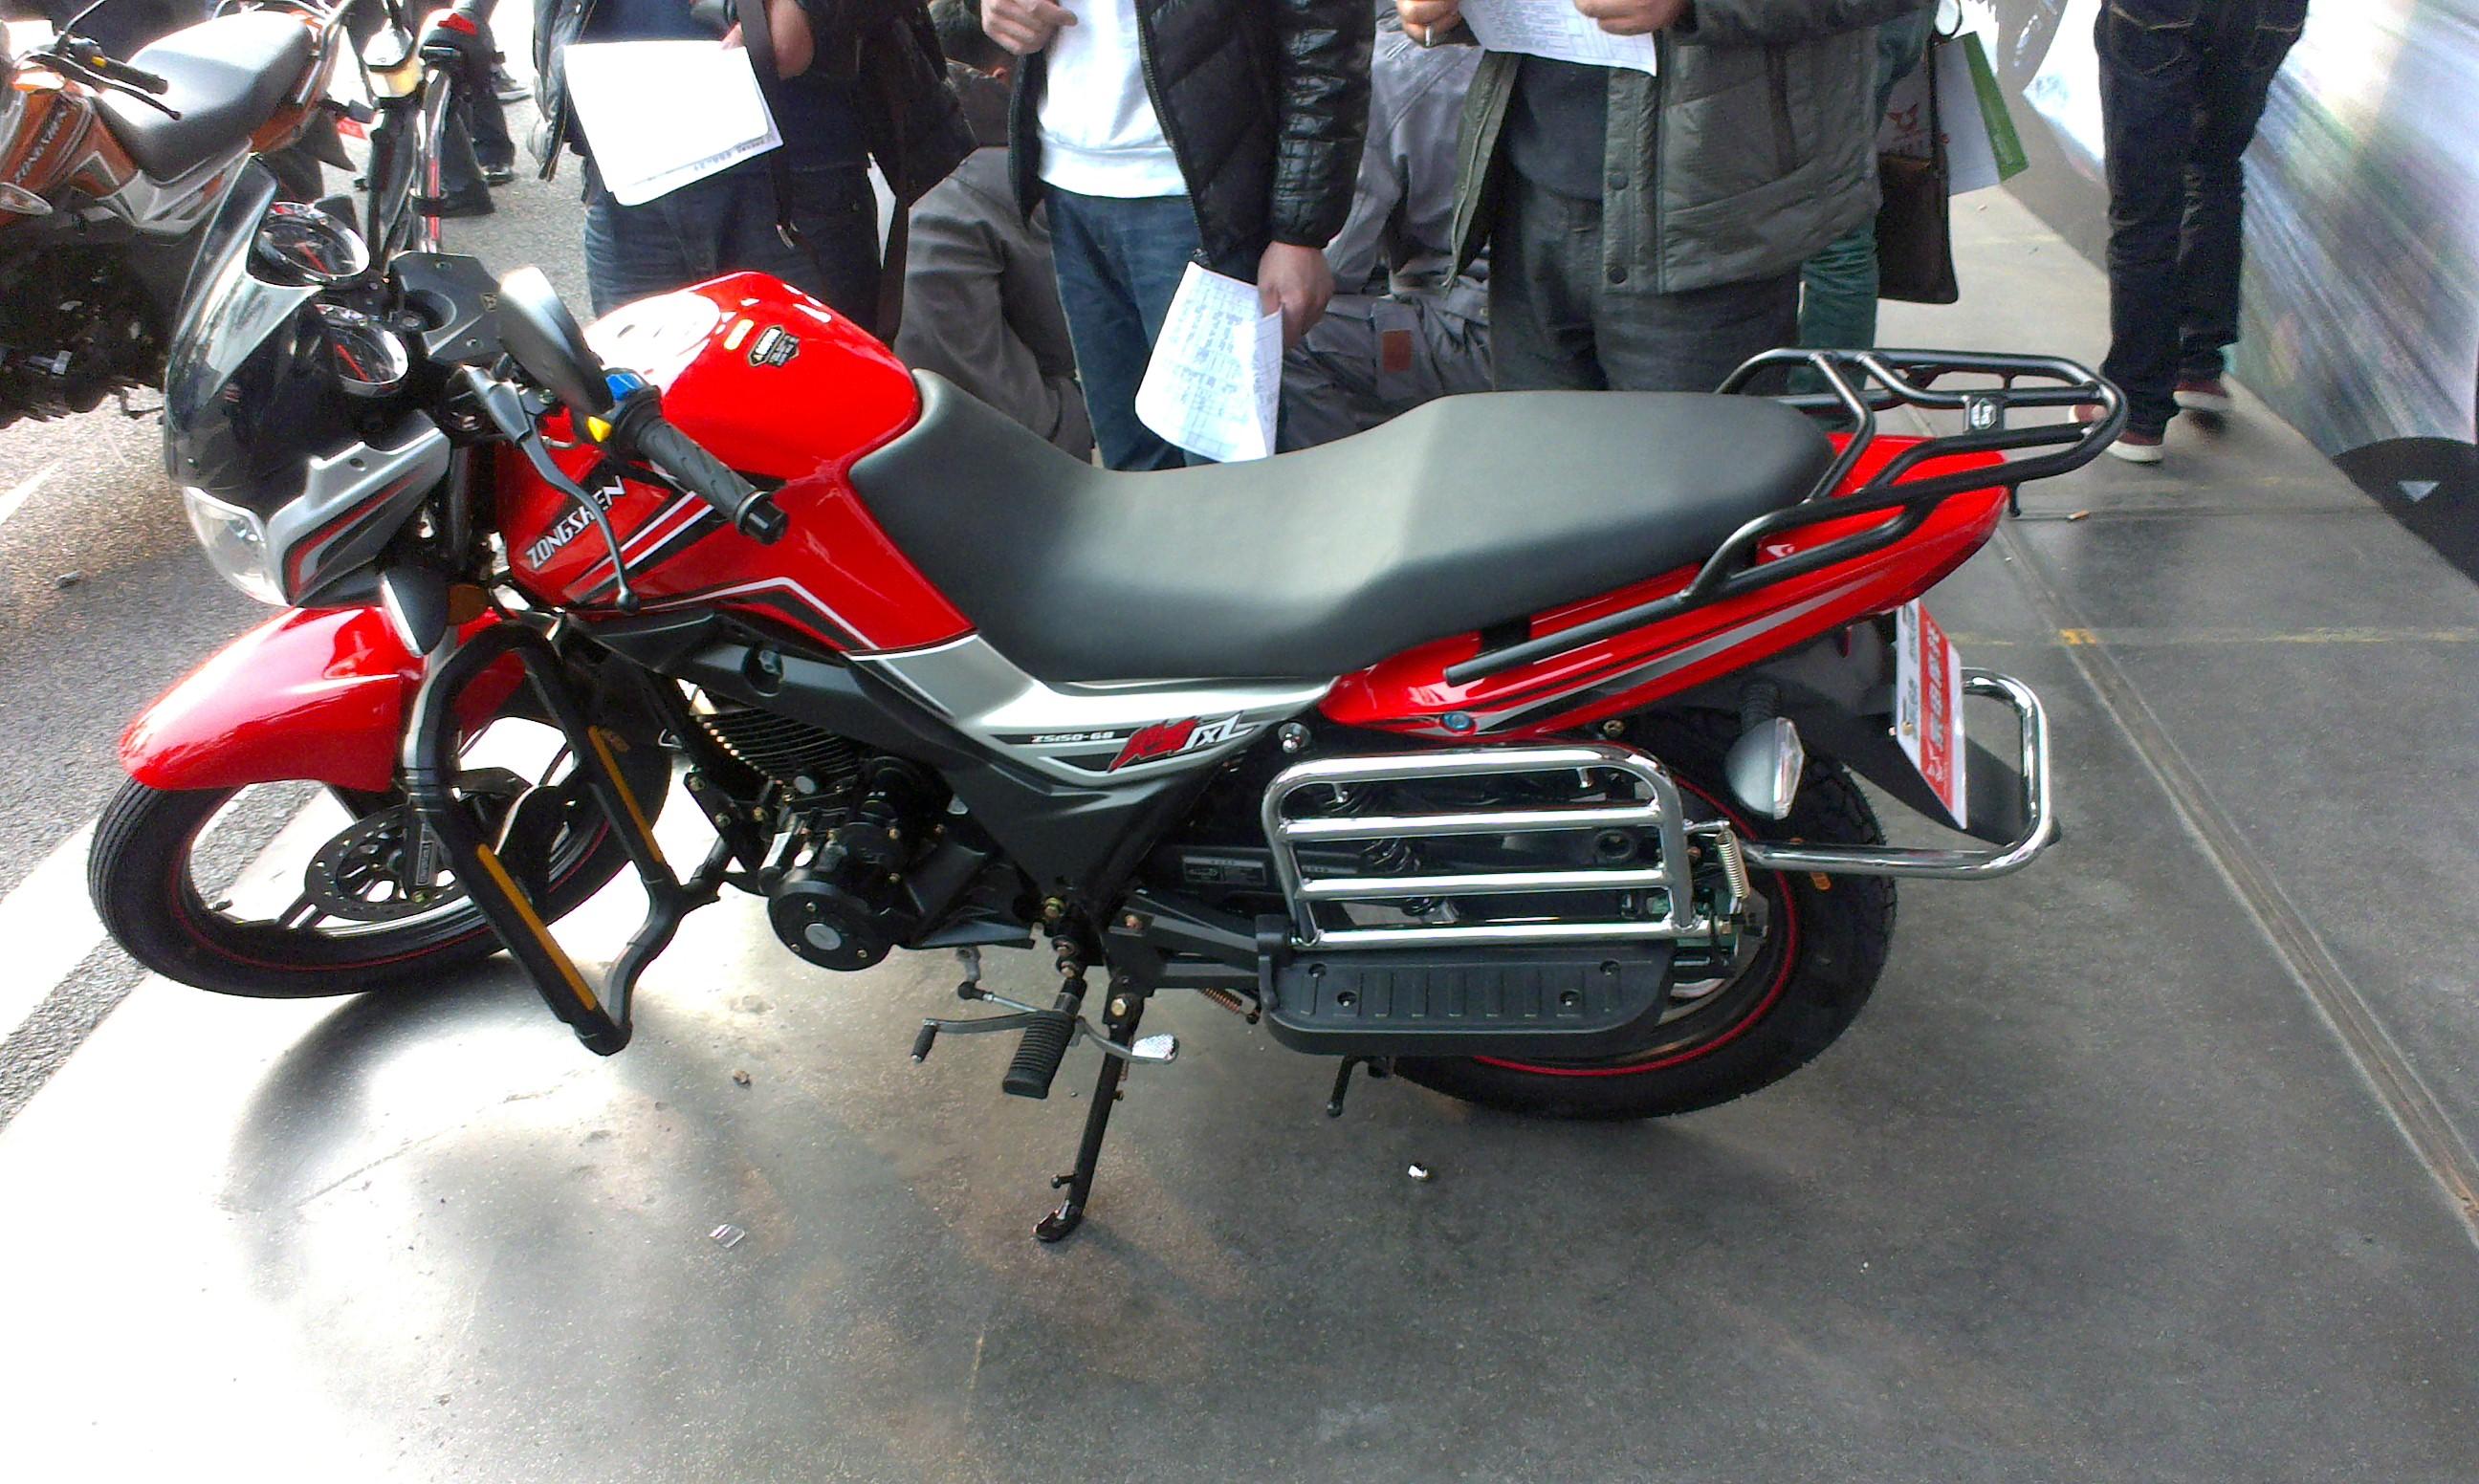 宗申炫风zs125-68摩托车